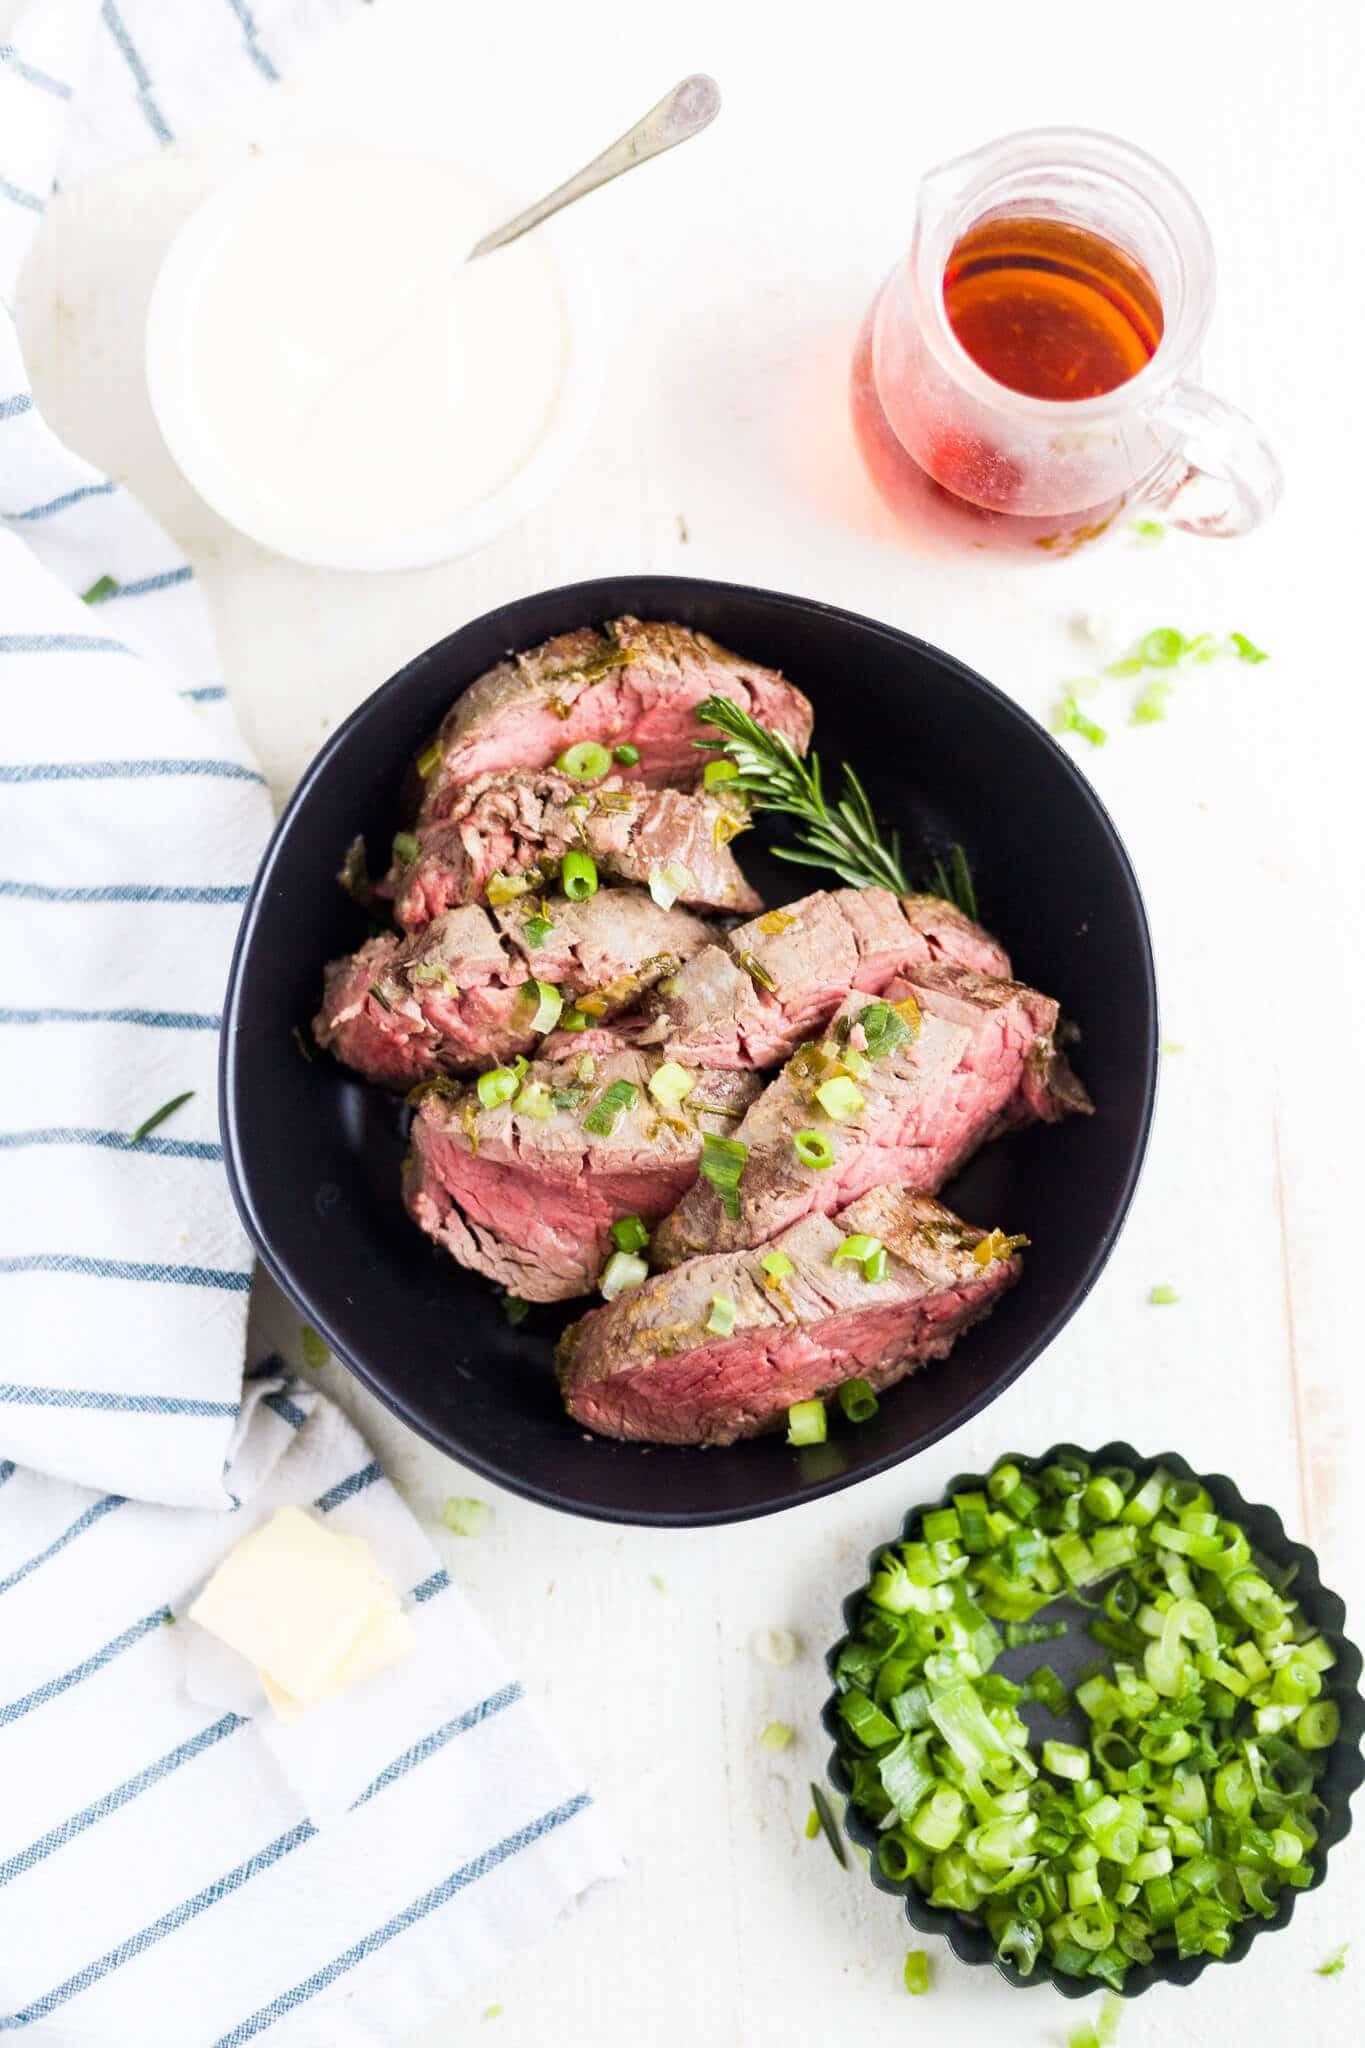 cooking beef tenderloin